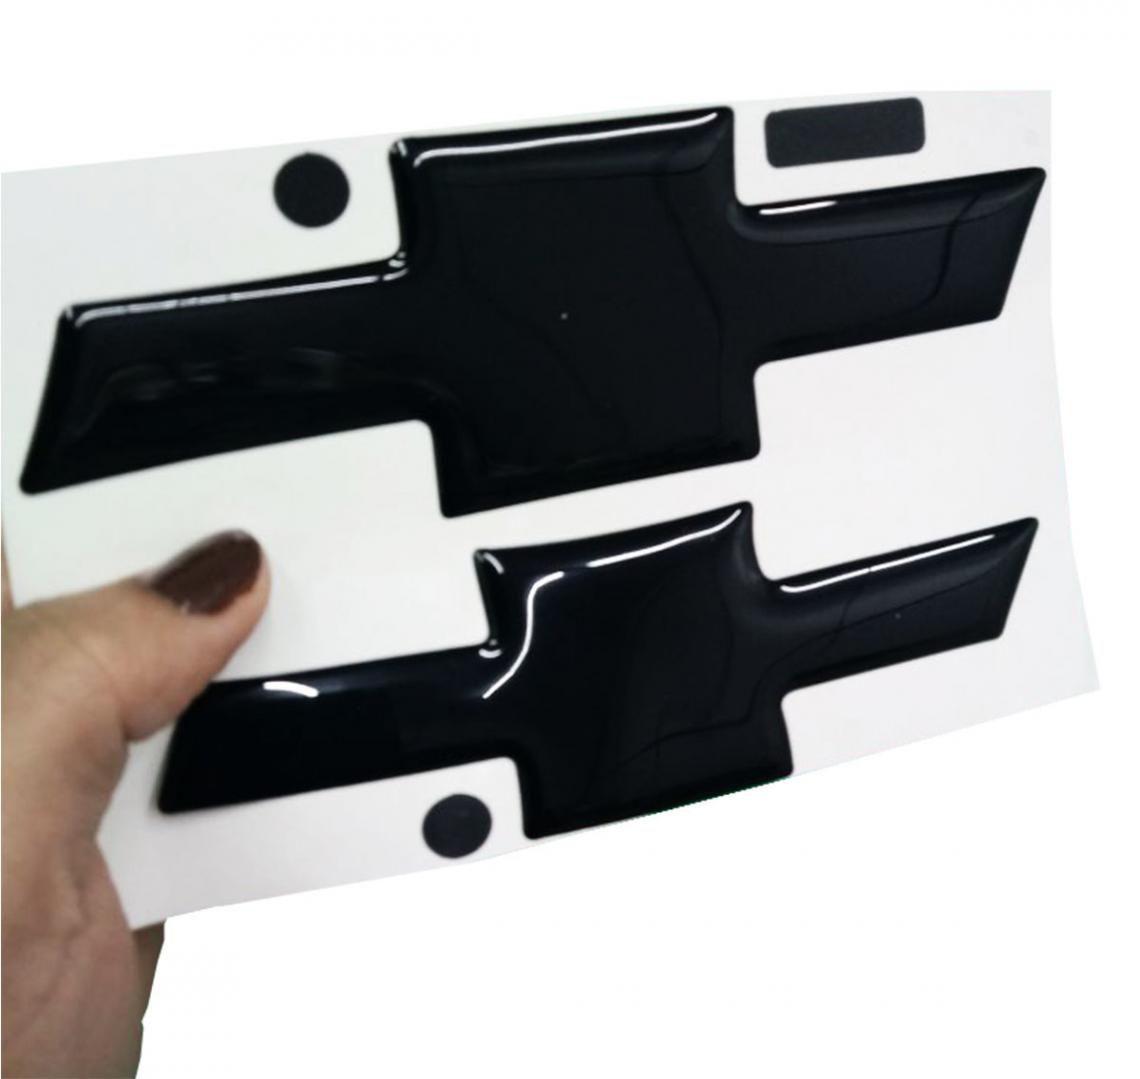 Gravata Adesiva Resinada Chevrolet Agile 2009/2013 Black Piano